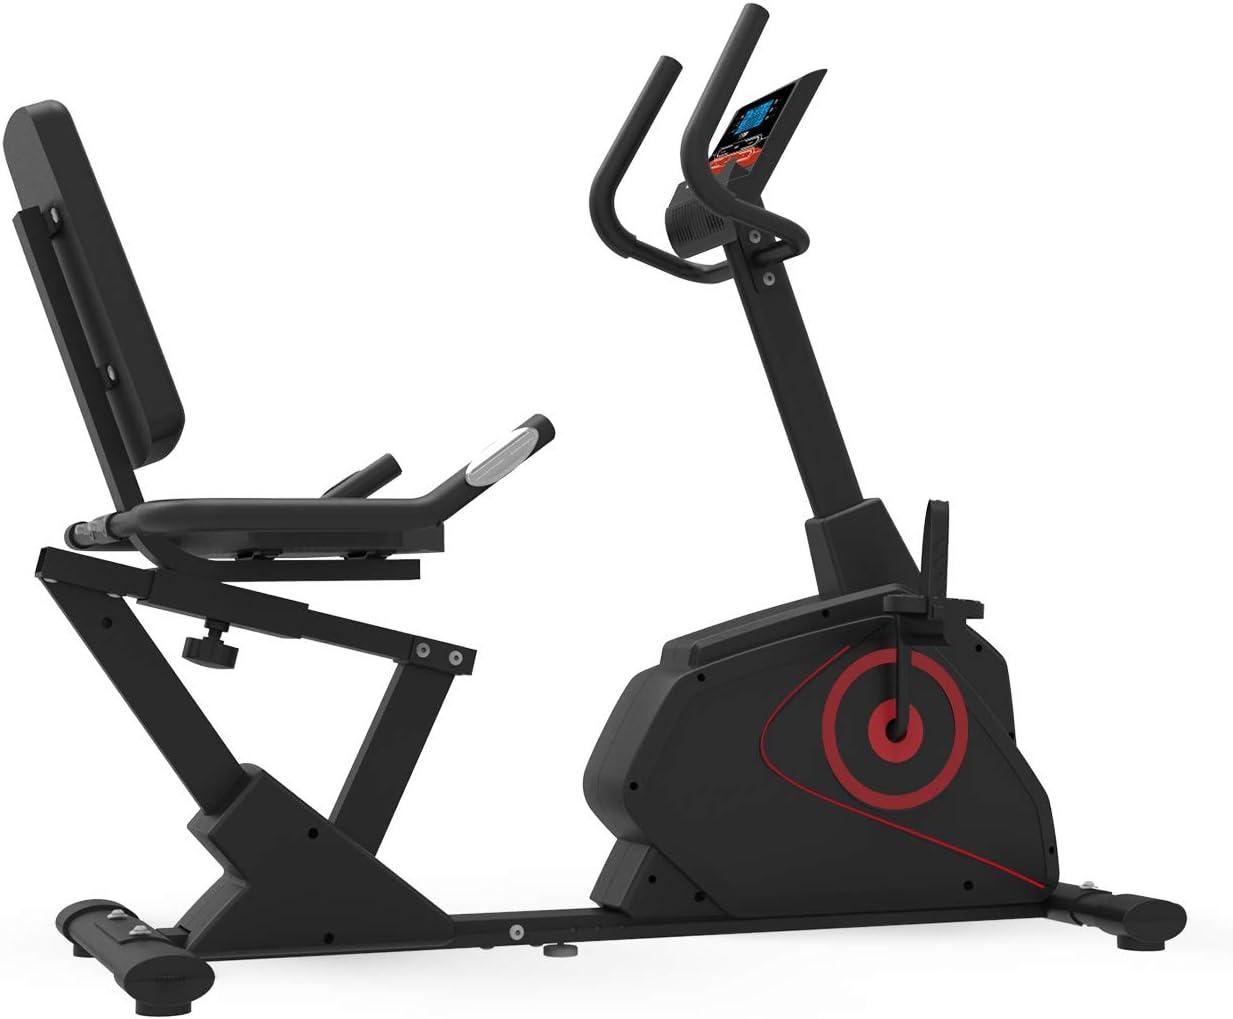 Fitter Bicicleta estática reclinada RC-5XR: Amazon.es: Deportes y ...